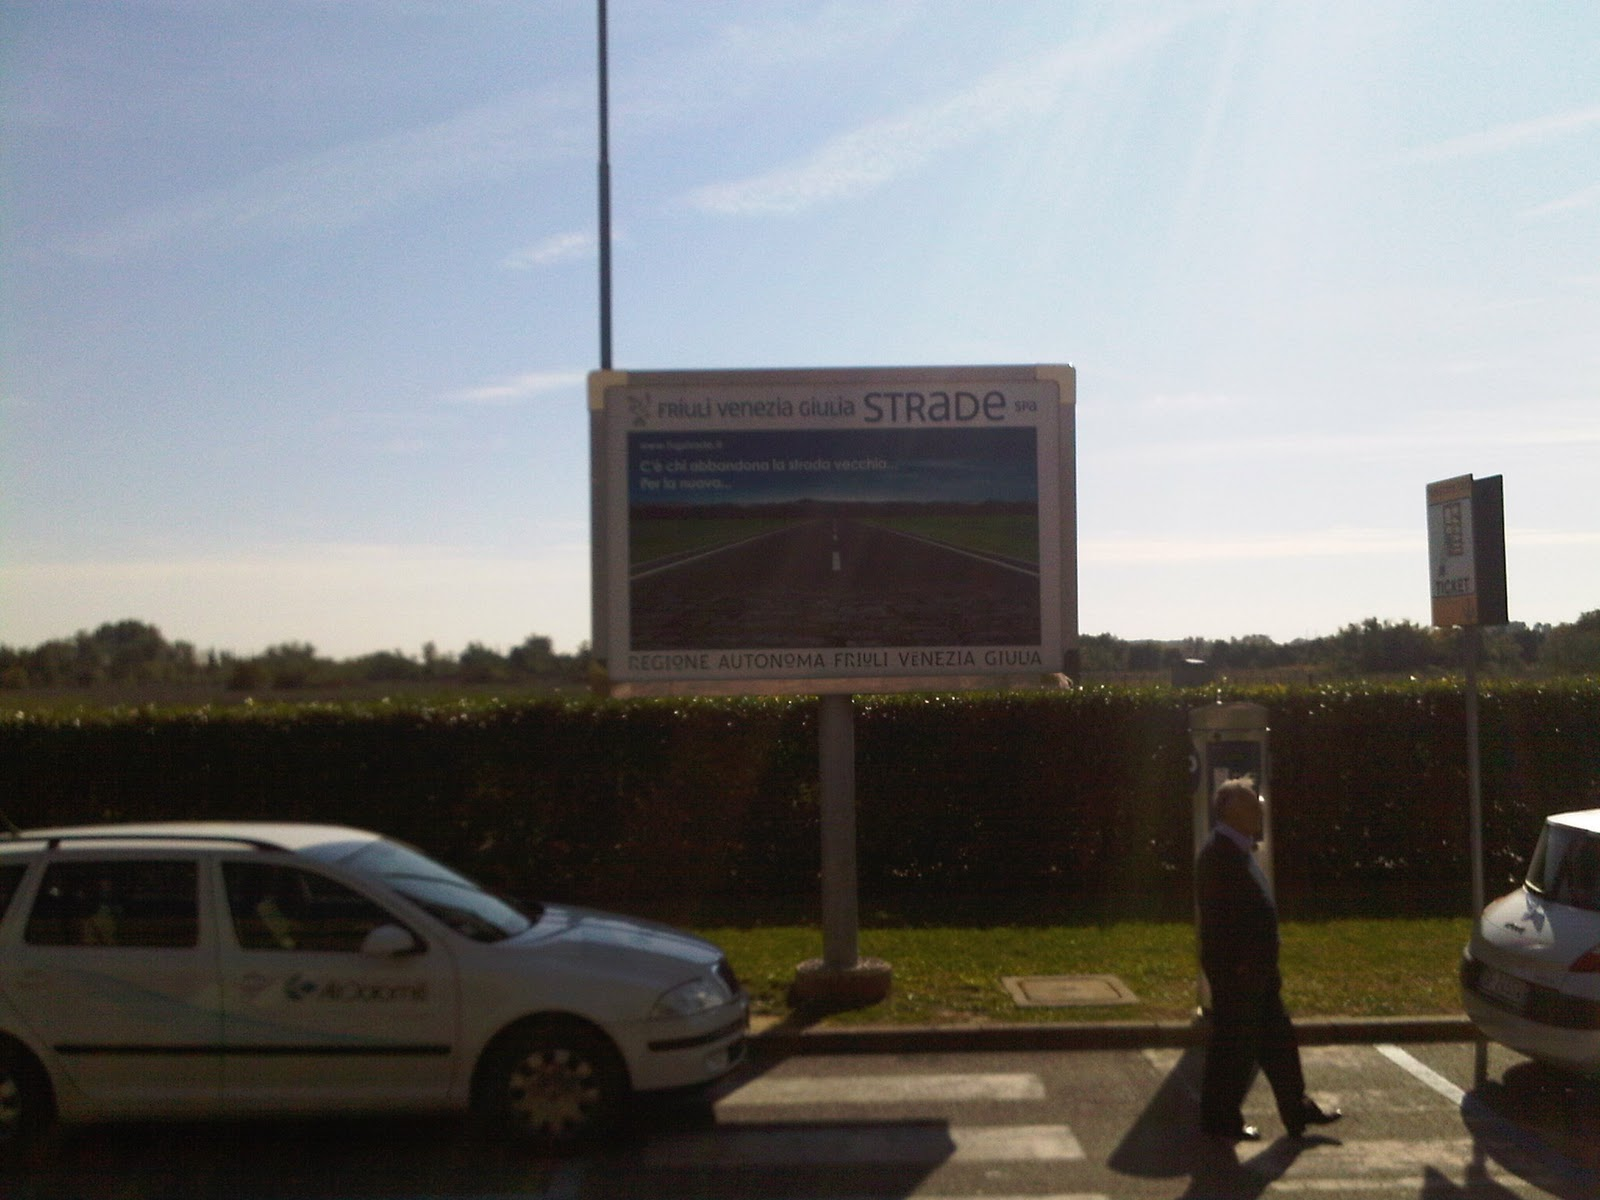 Dibattito morsanese se viabilit fa rima con pubblicit - Rima con porta ...